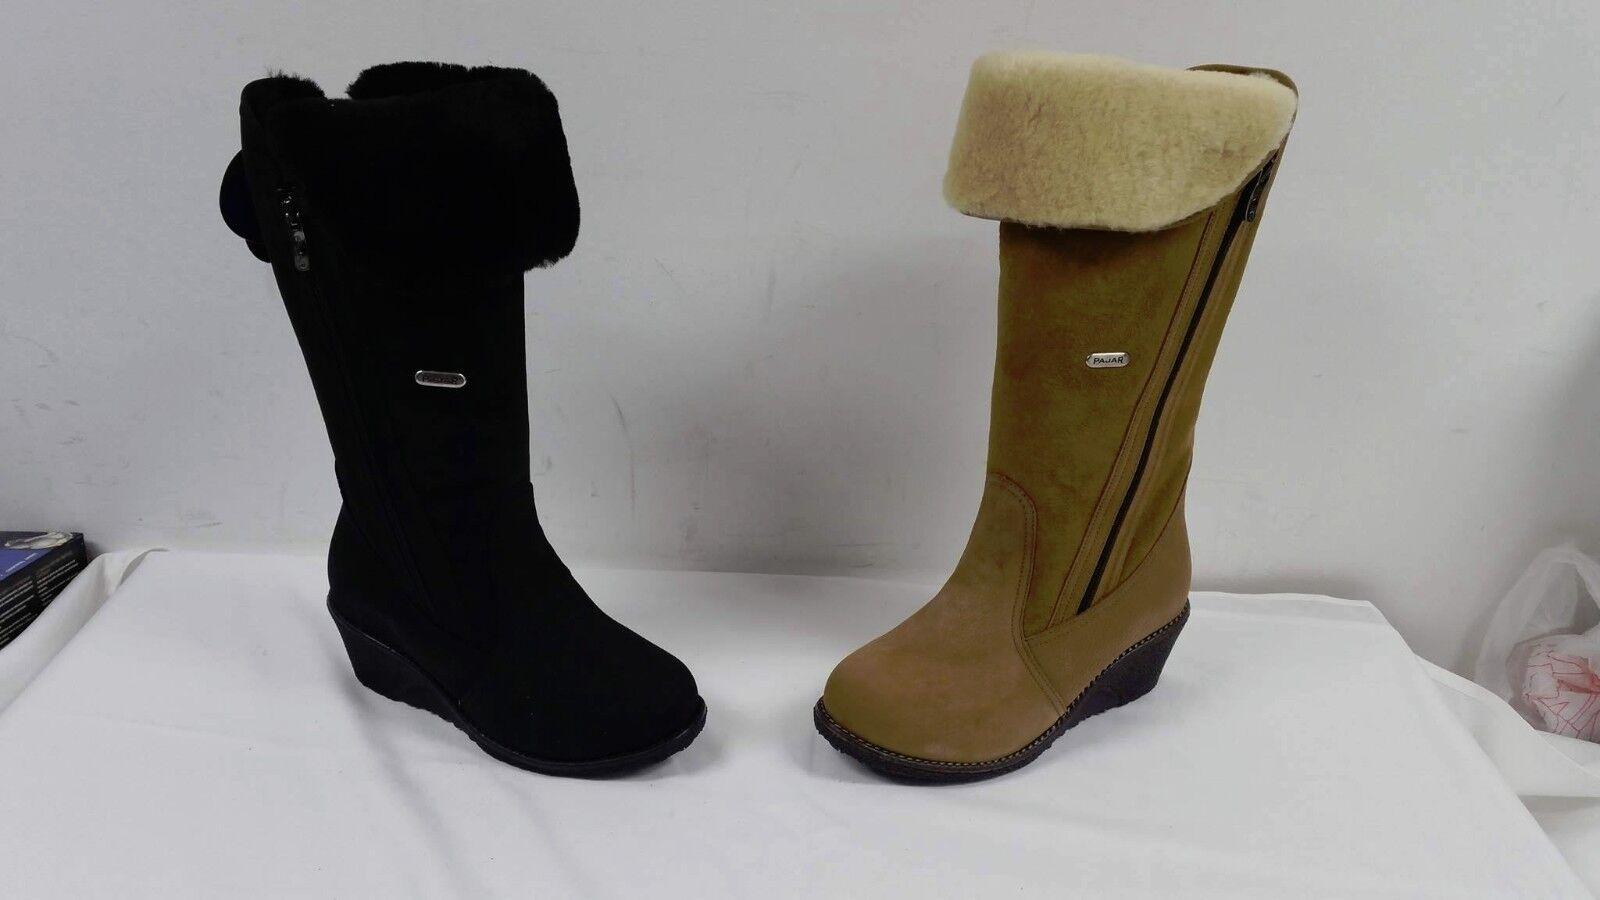 Pajar Women's Blaire Boot, Nubuck Black/DFS - NEW , Different Sizes & Colors